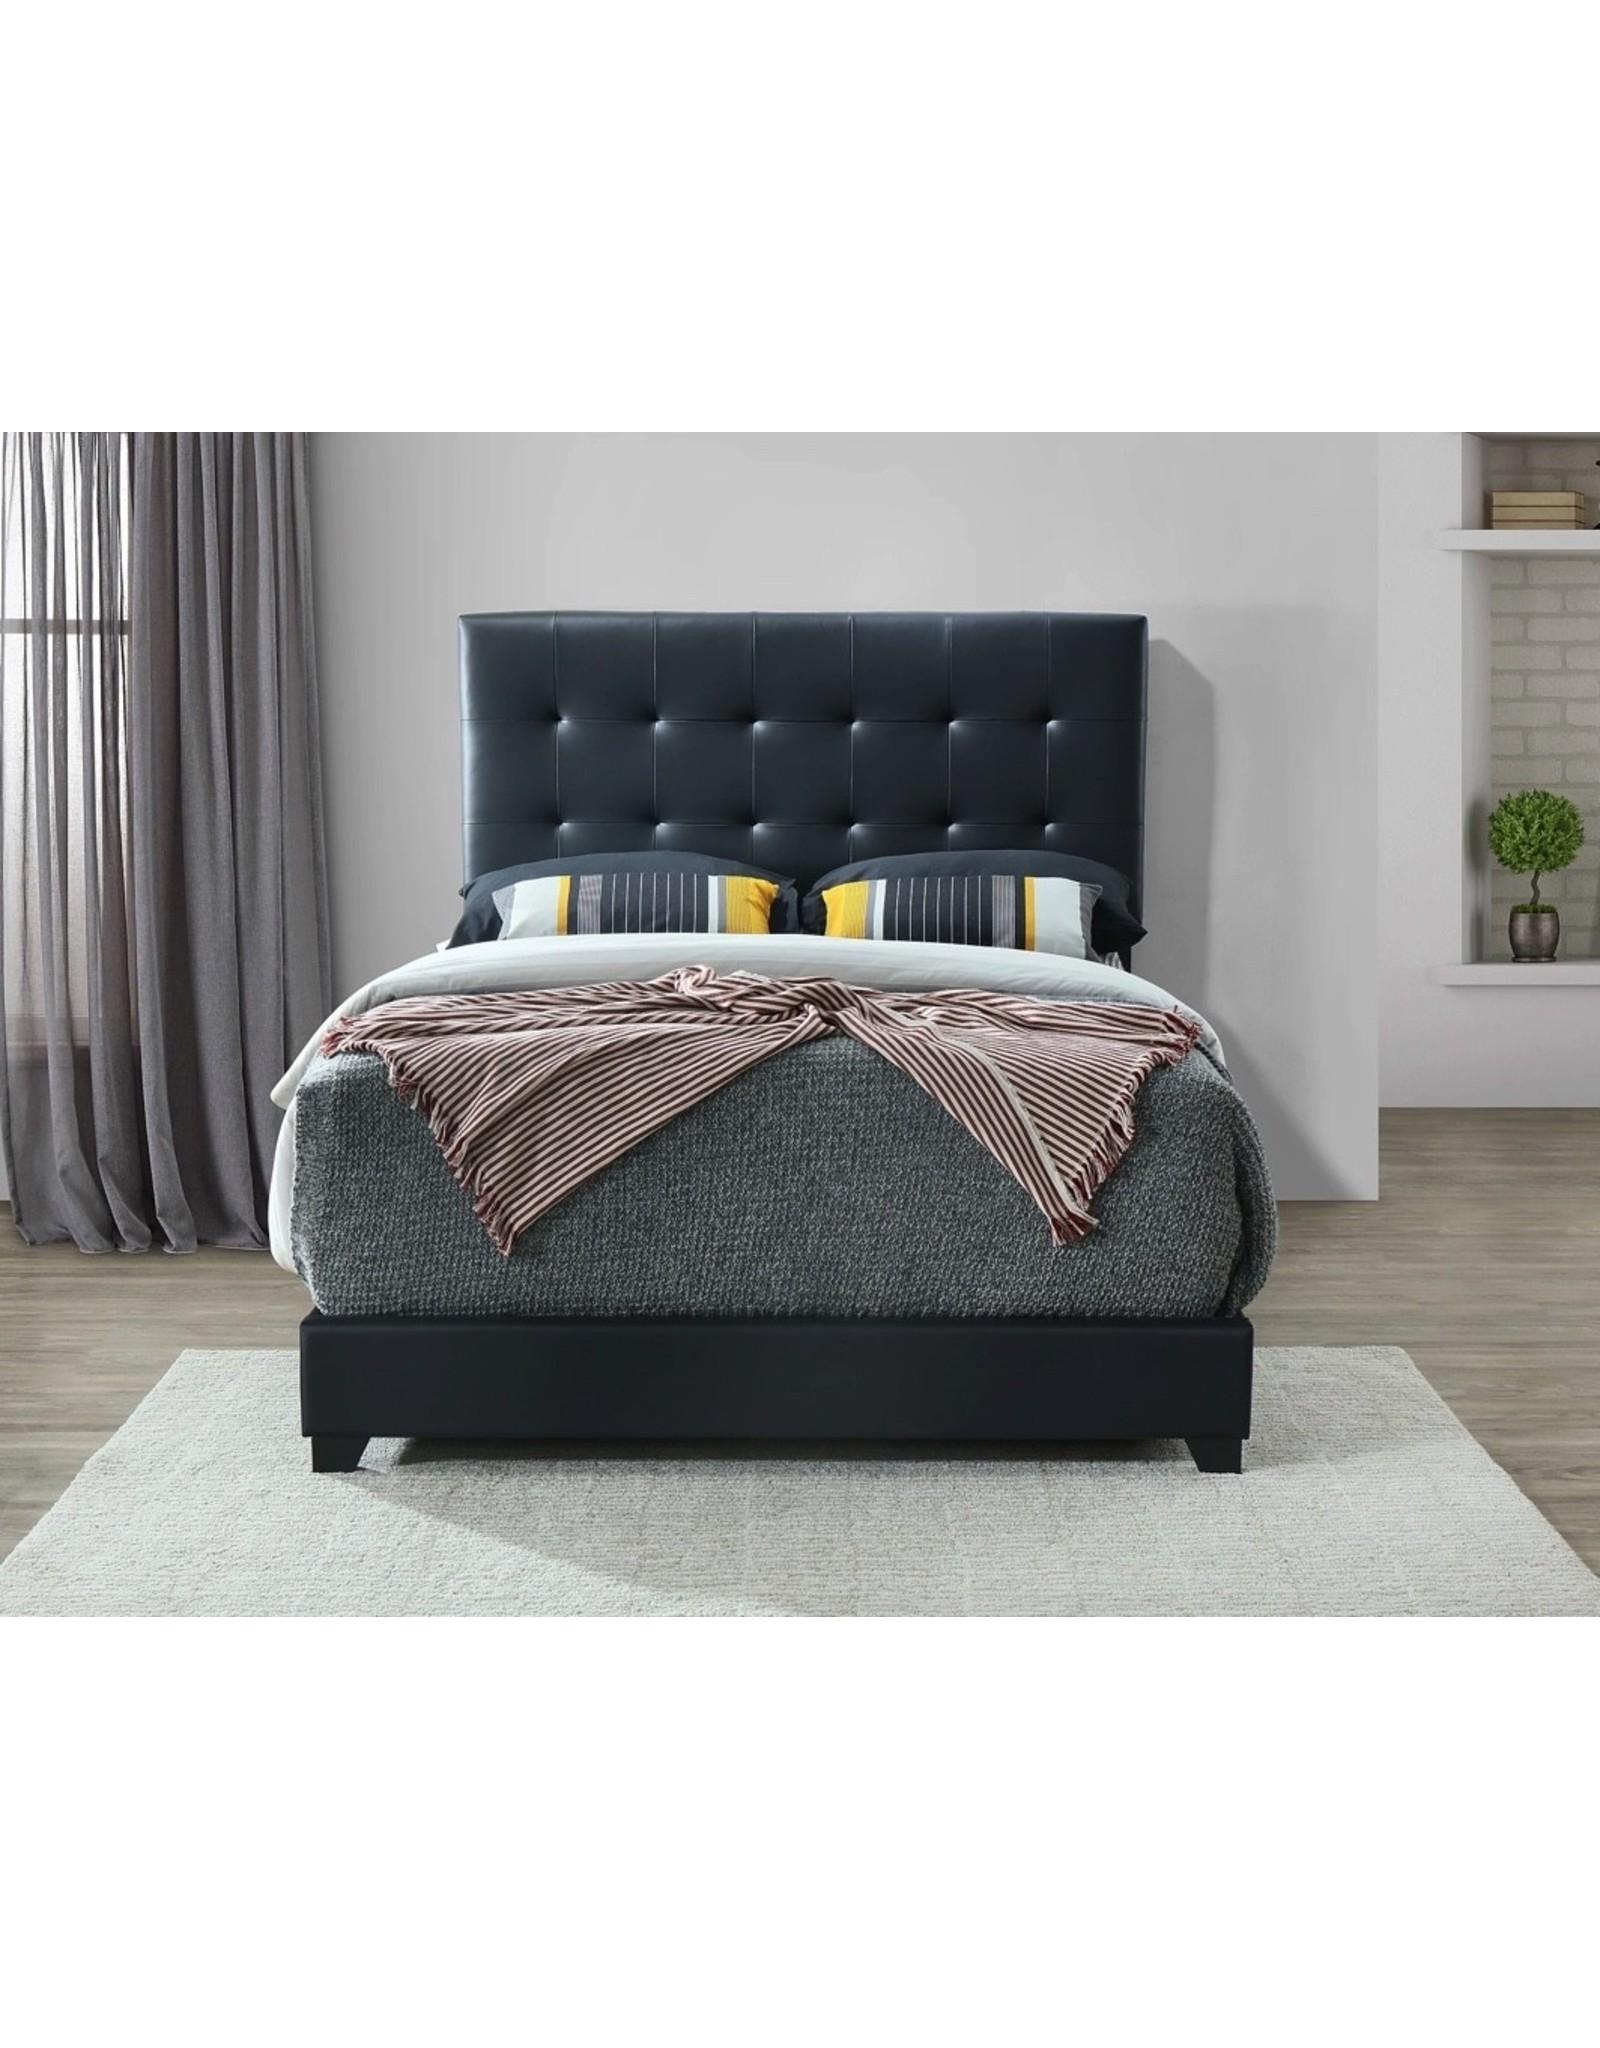 Patrick 5306K11-King Bed Black